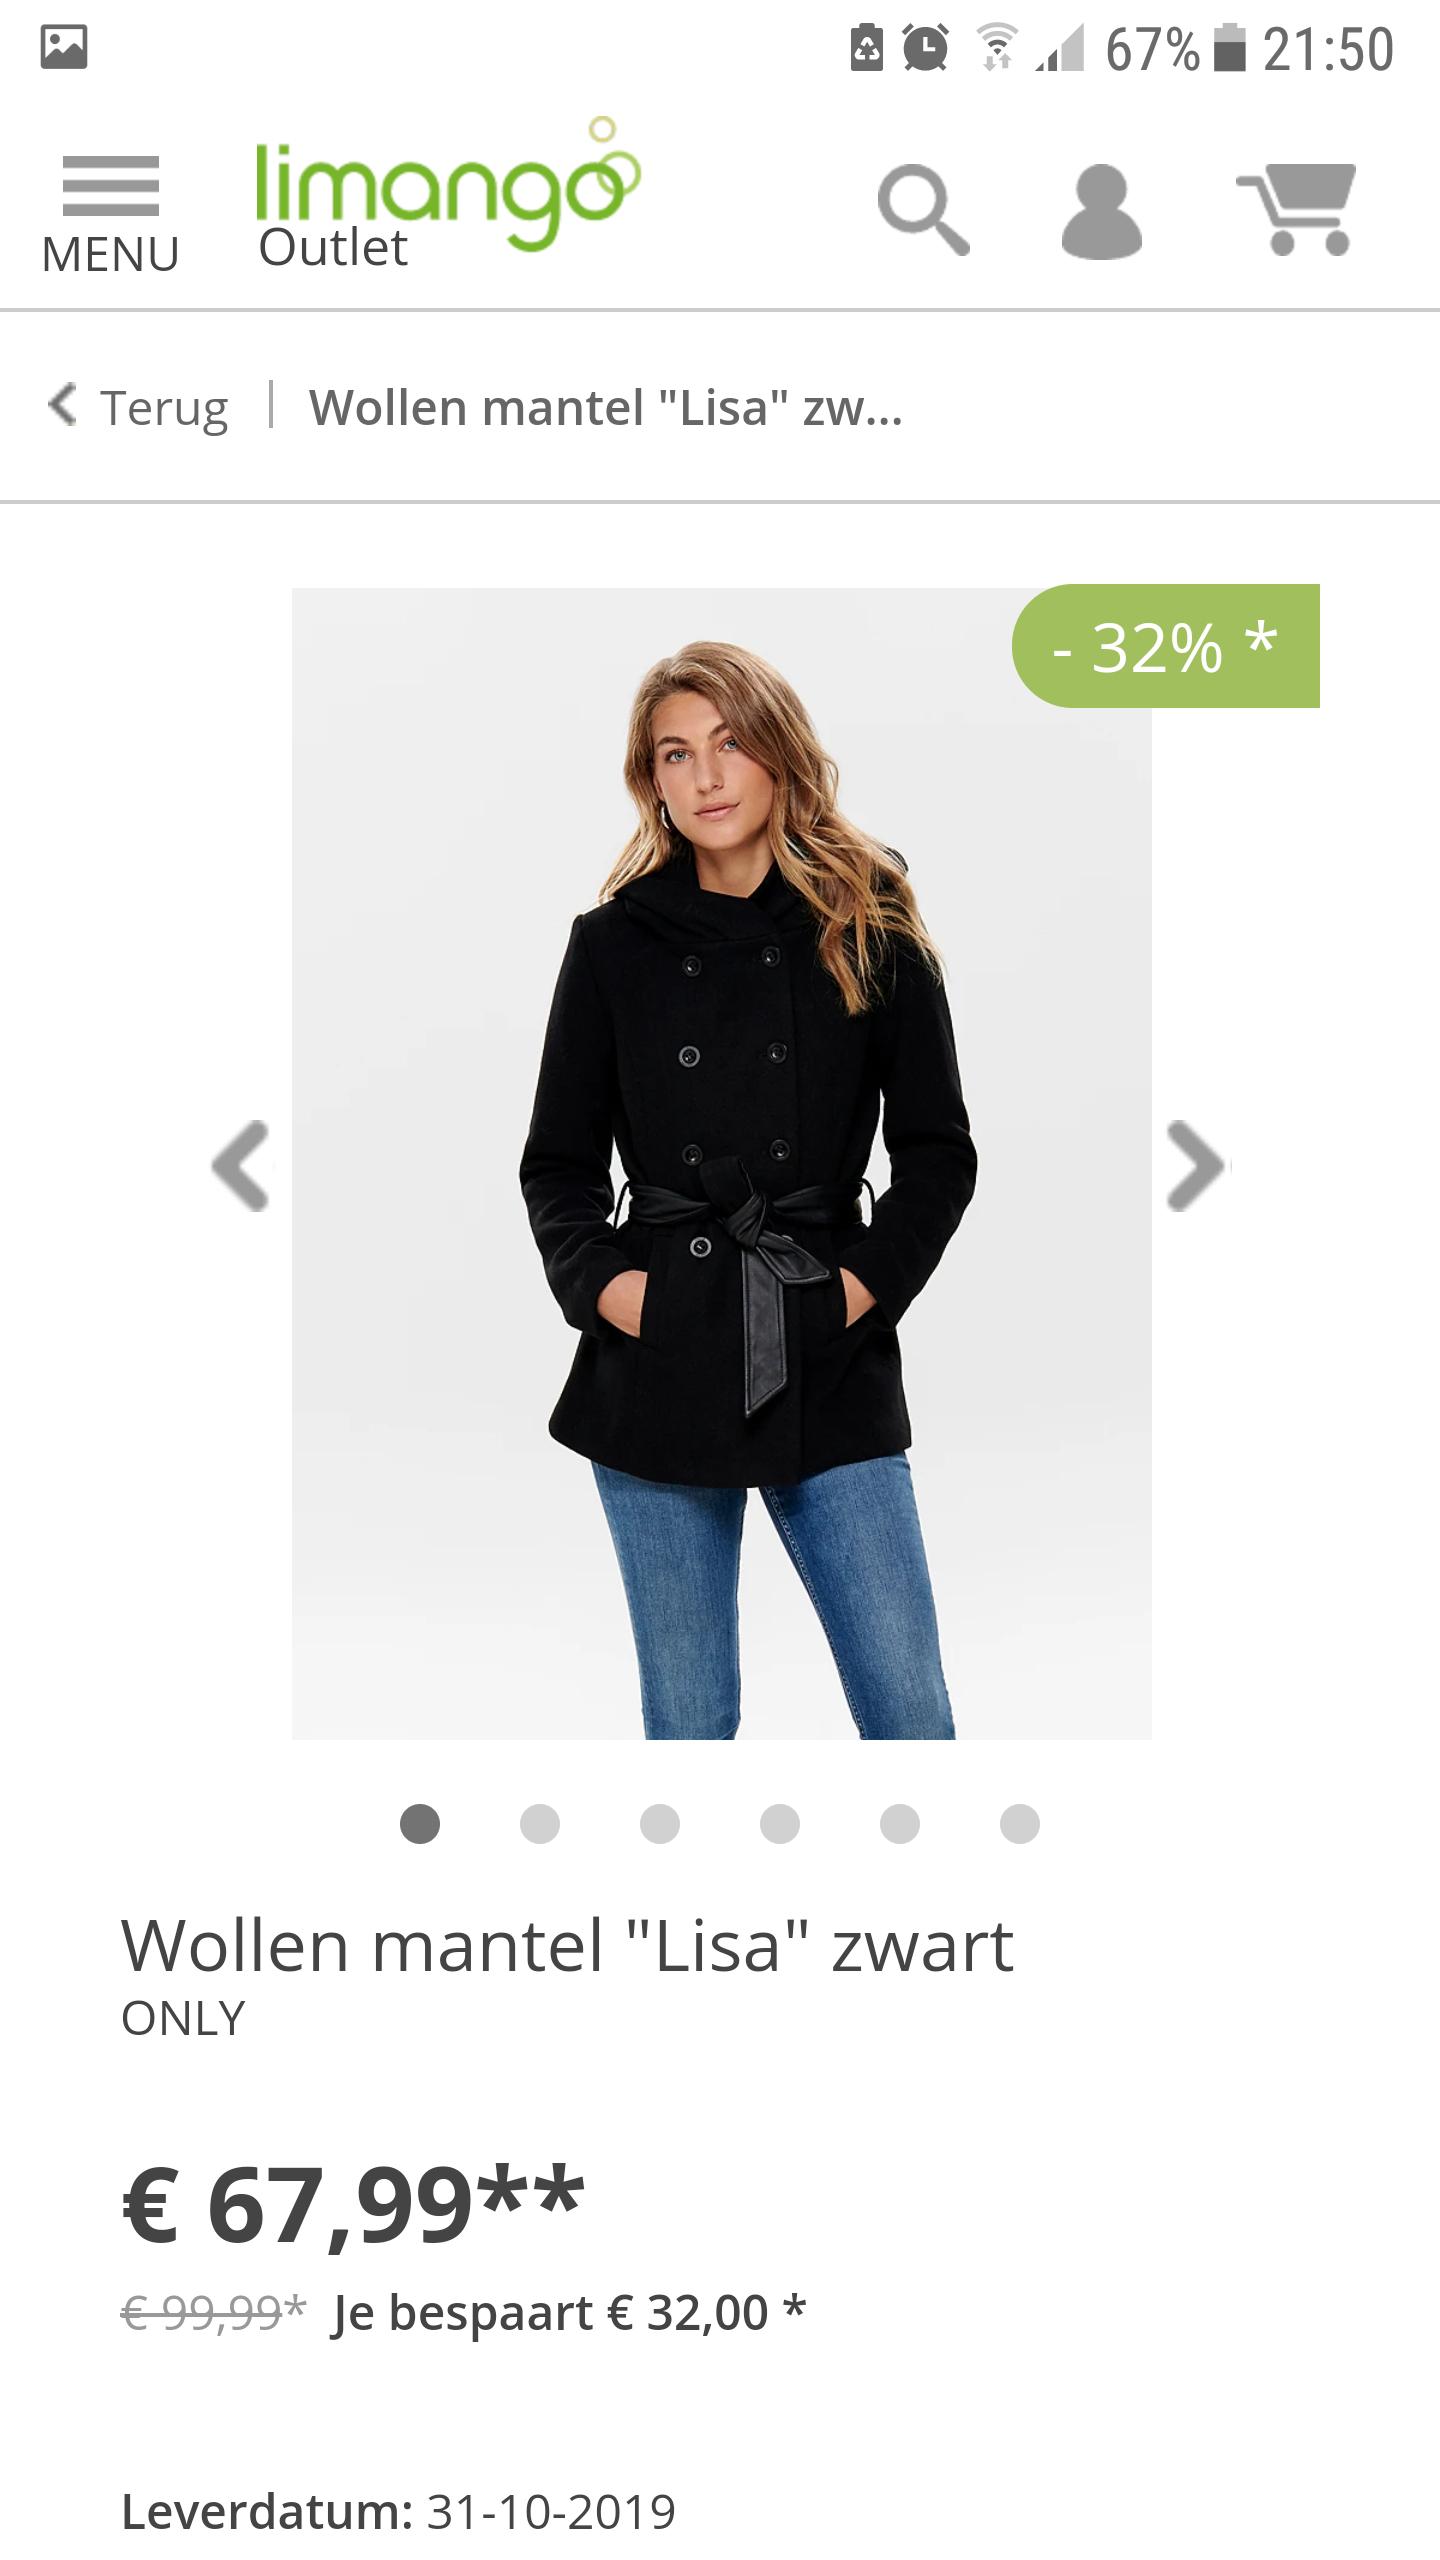 """Only Wollen mantel """"Lisa"""" zwart"""